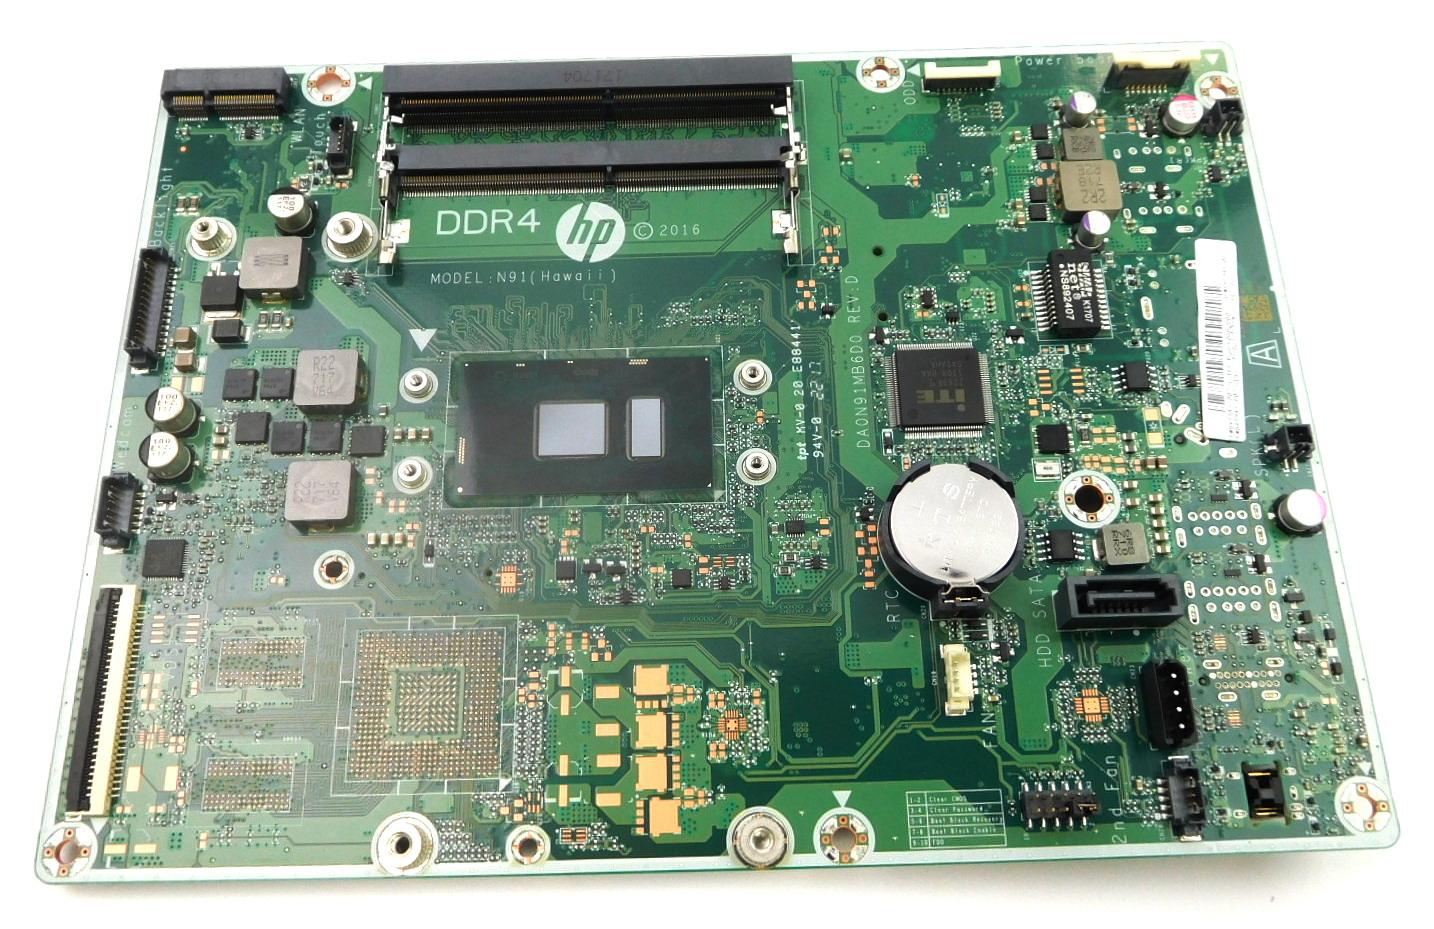 848949-007 HP AIO PC 24-ea030na Motherboard w/ BGA Core i3-7100U CPU /N91  Hawaii